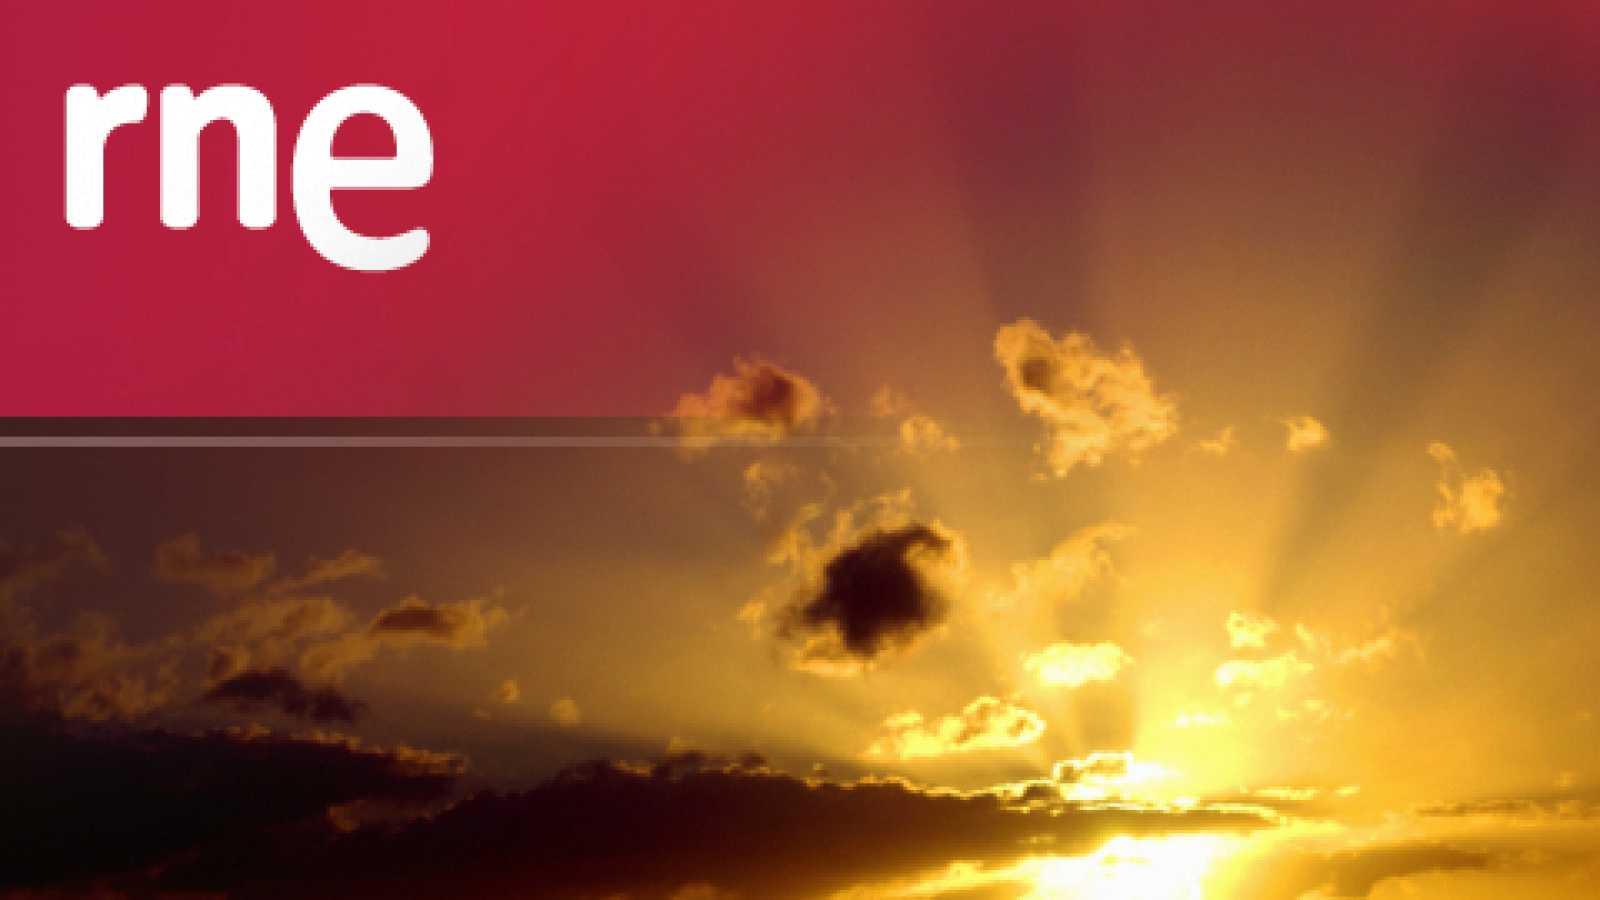 Alborada - Persecución y martirio en el mundo - 21/01/21 - escuchar ahora